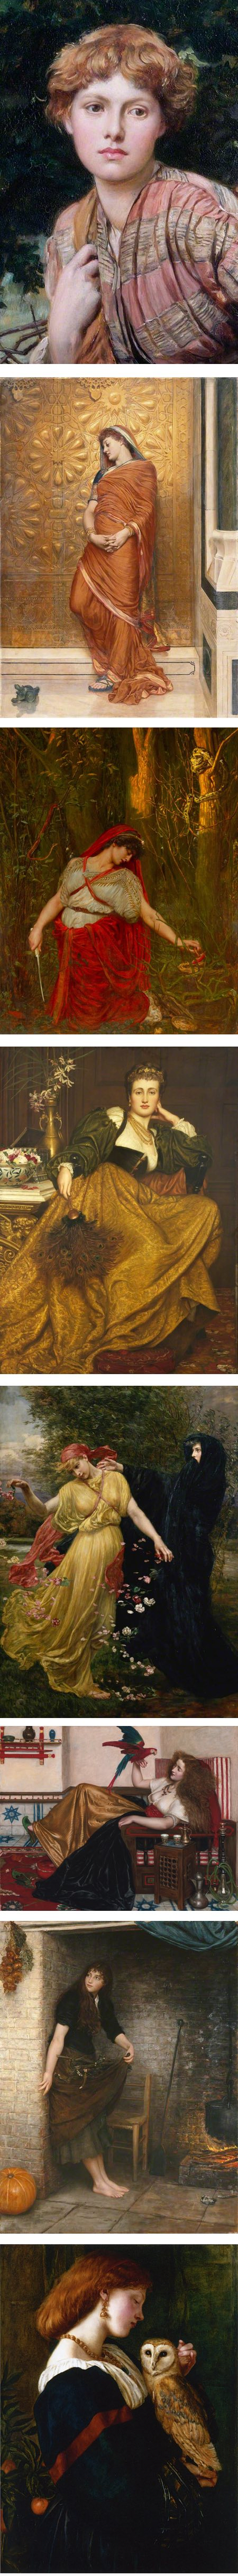 Pre-Raphaelite paintings by Valentine Cameron Prinsep